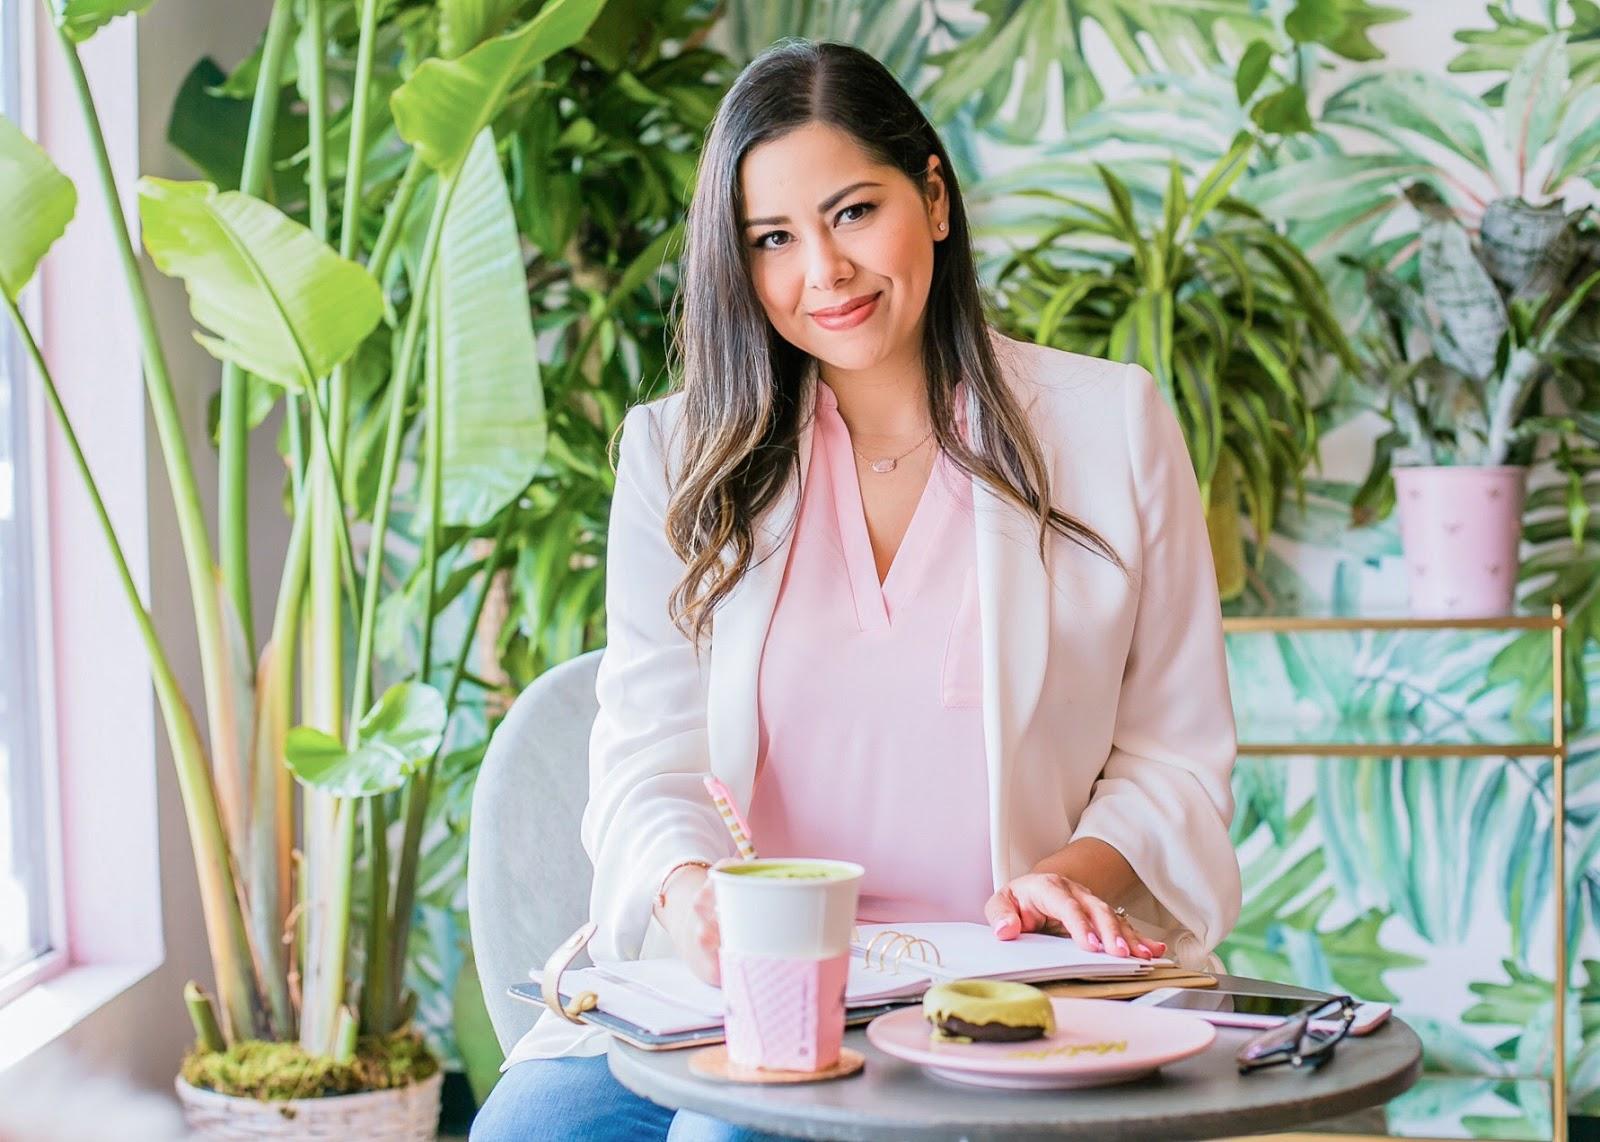 San Diego Fashion Blogger 2019, Holy Matcha San Diego